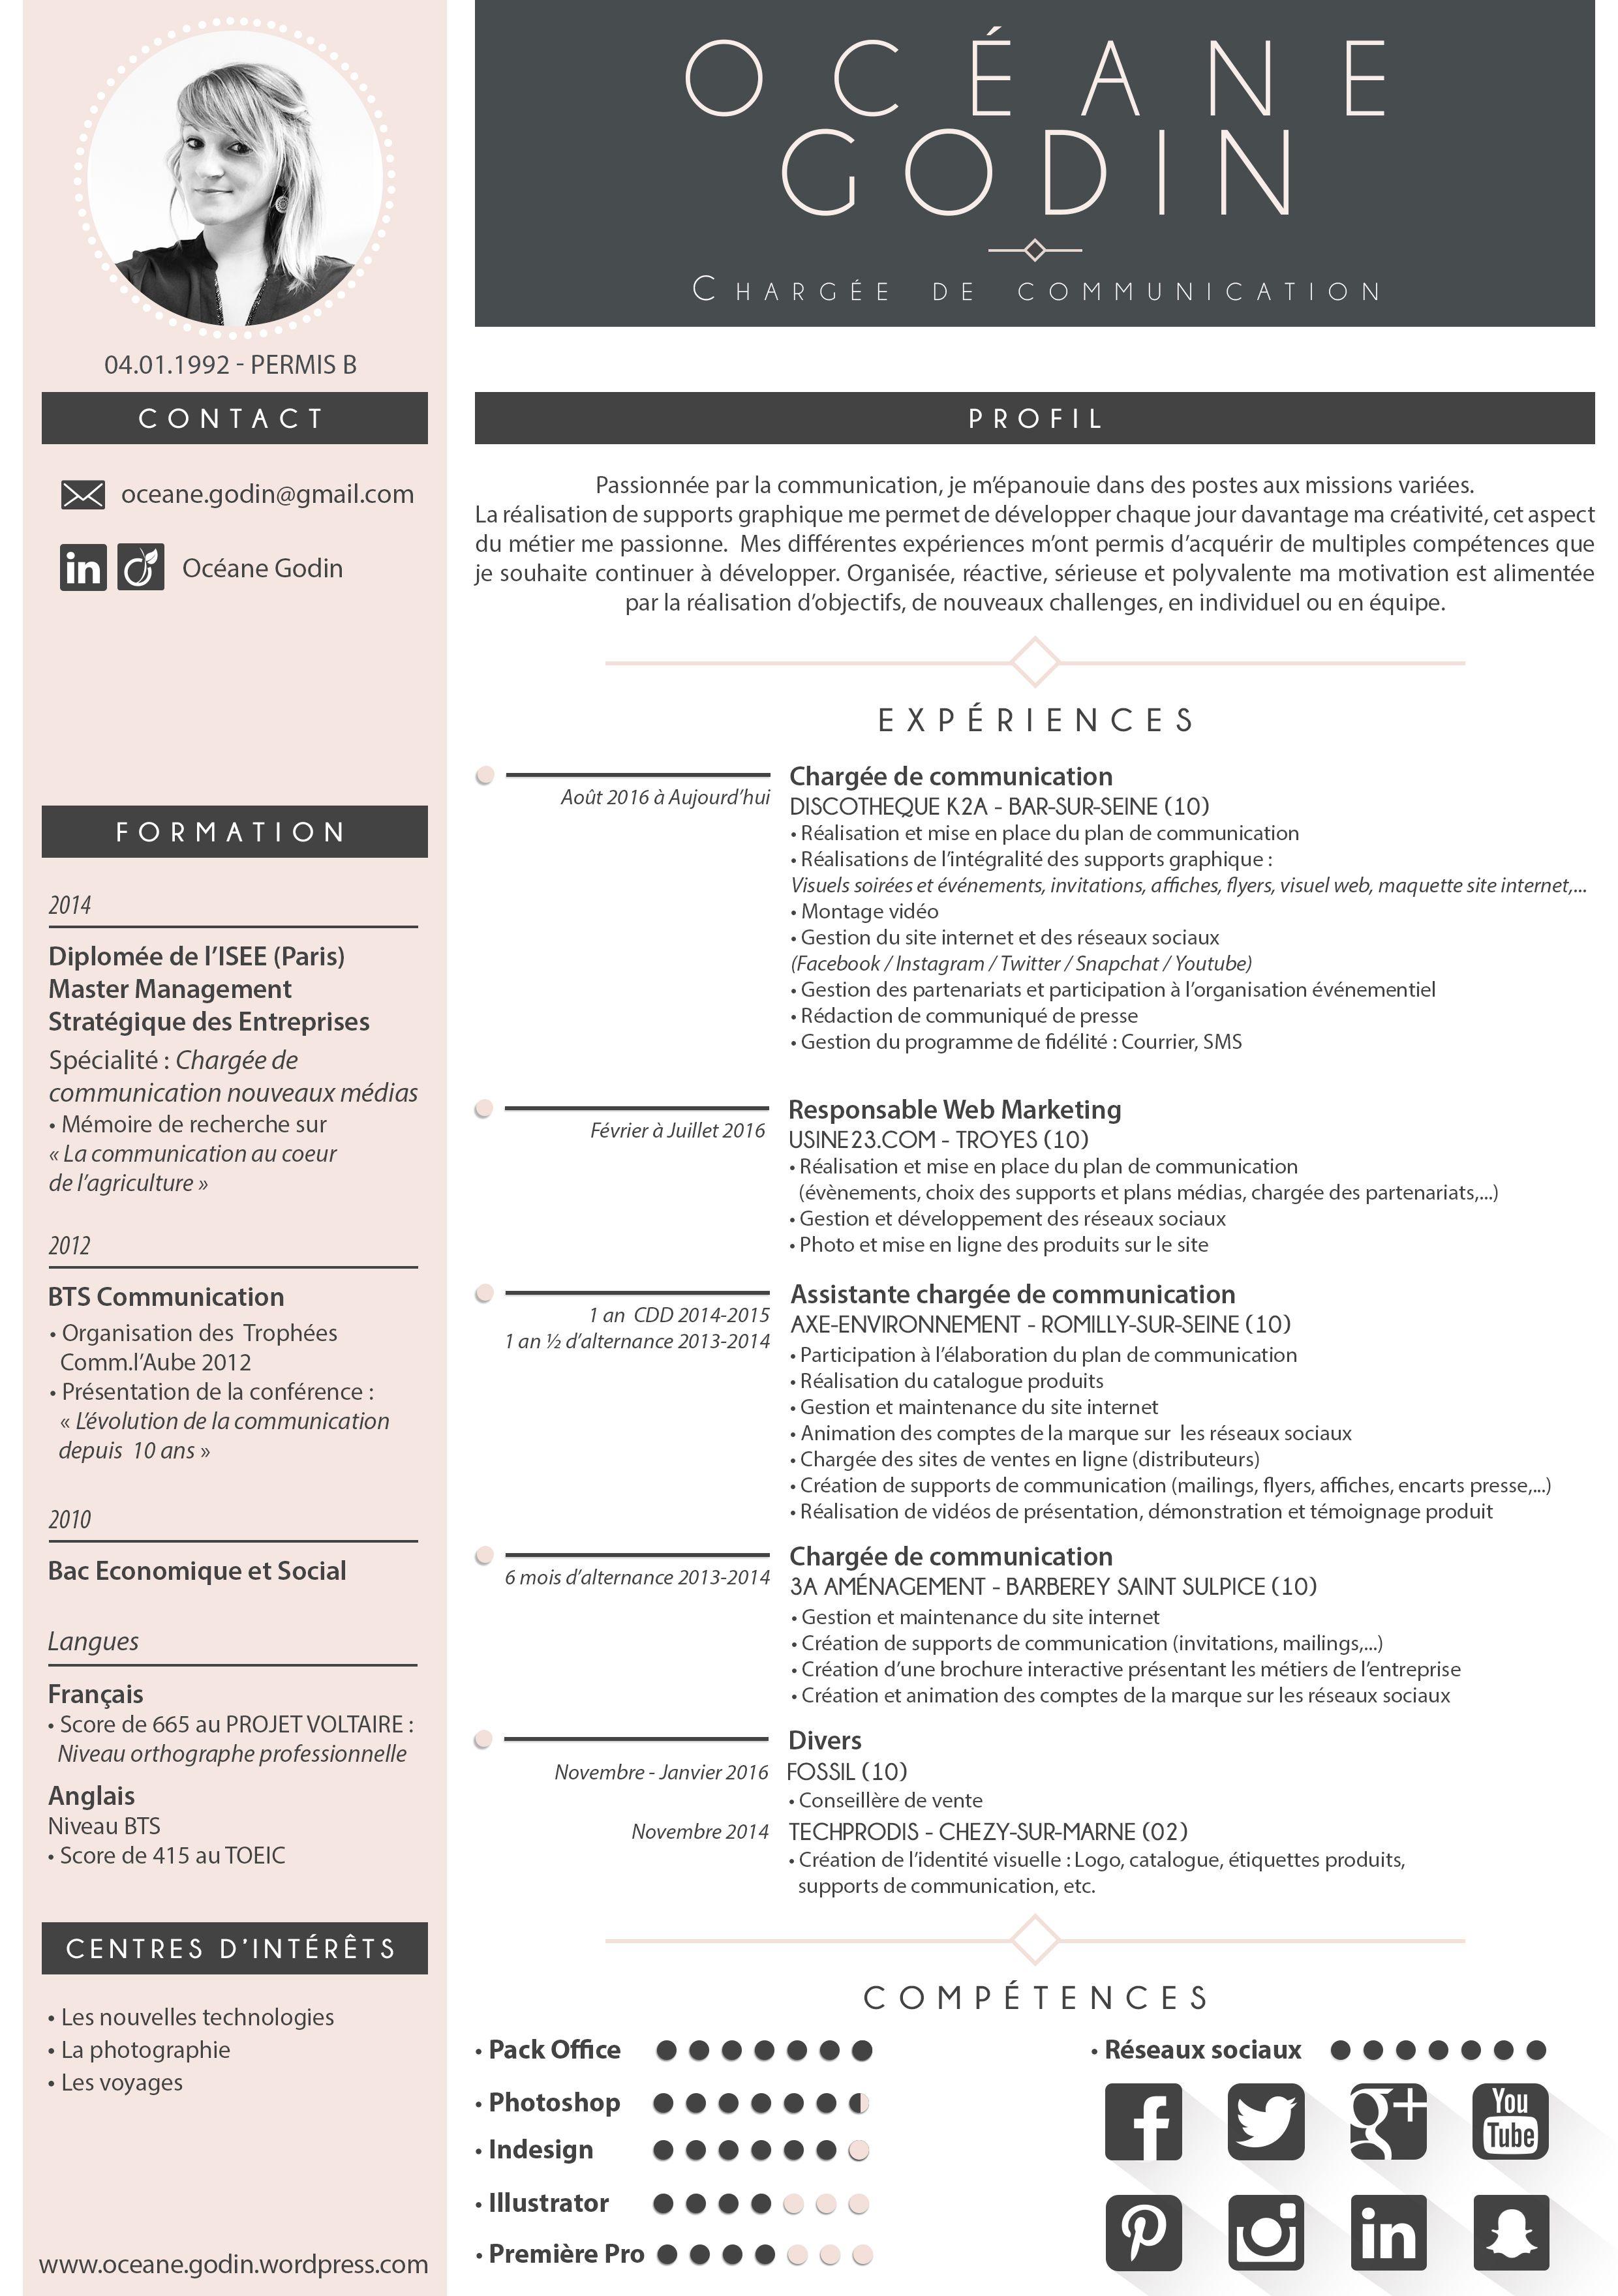 Curriculum Vitae Modèle cv gratuit, Modèle de cv créatif